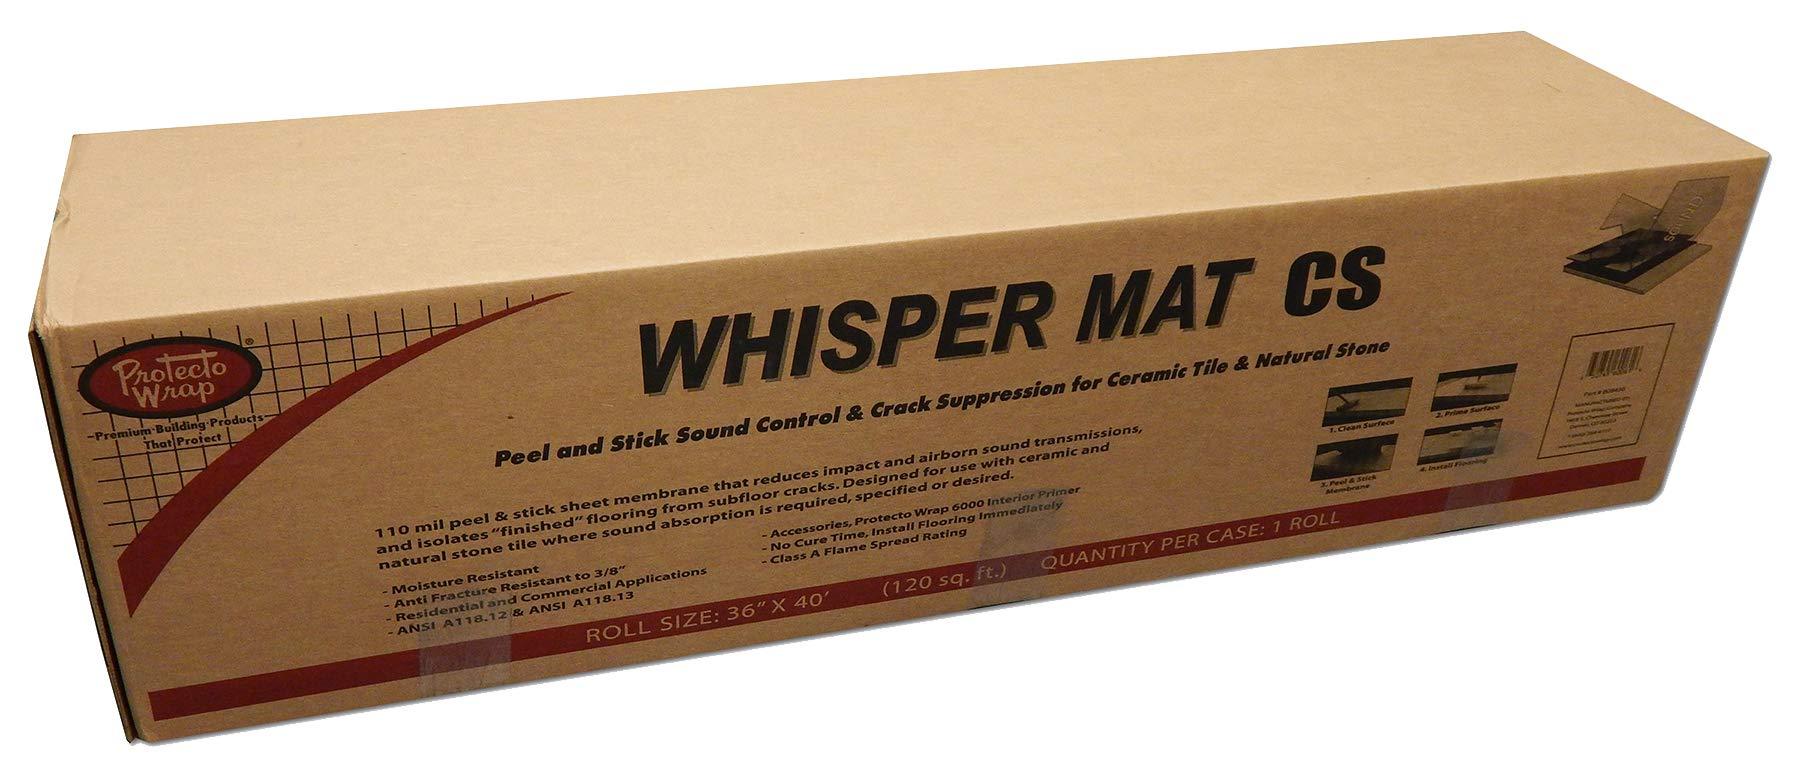 Tile Floor Impact Mat (Whispermat-CS) 1/8'' thick 36'' Wide 40' Roll- (120 Sq. Ft.) For Tile